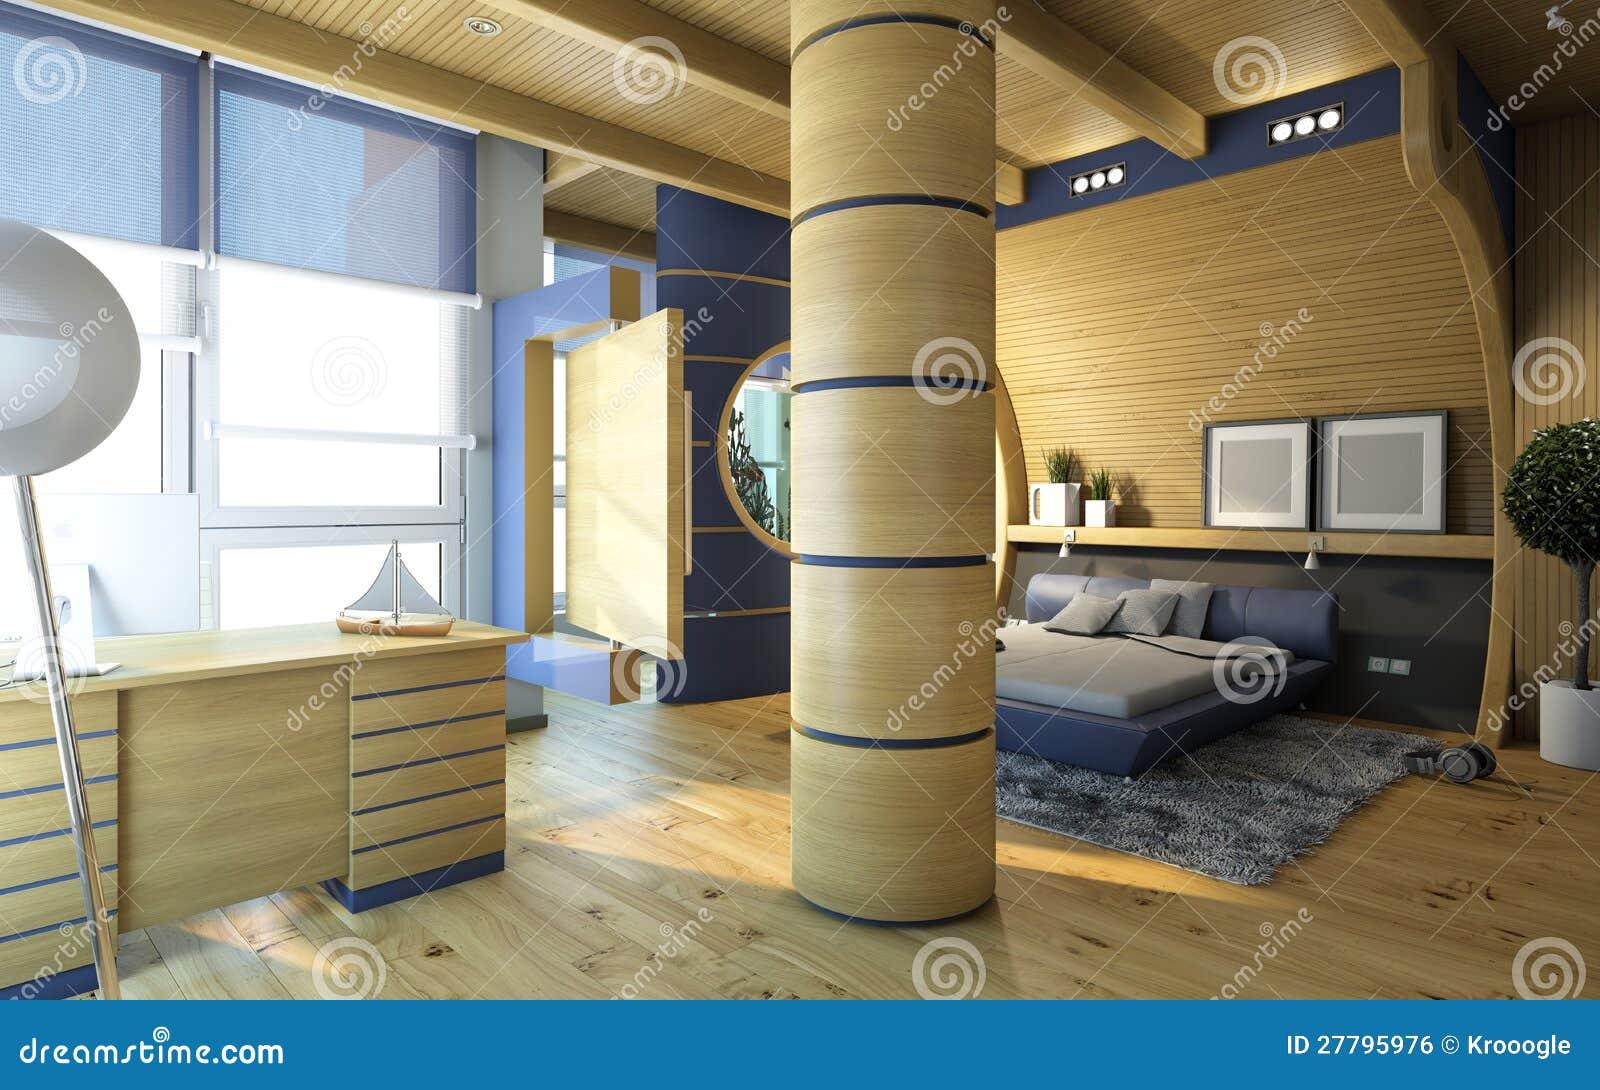 Slaapkamer In Hout Royalty-vrije Stock Afbeelding - Afbeelding ...